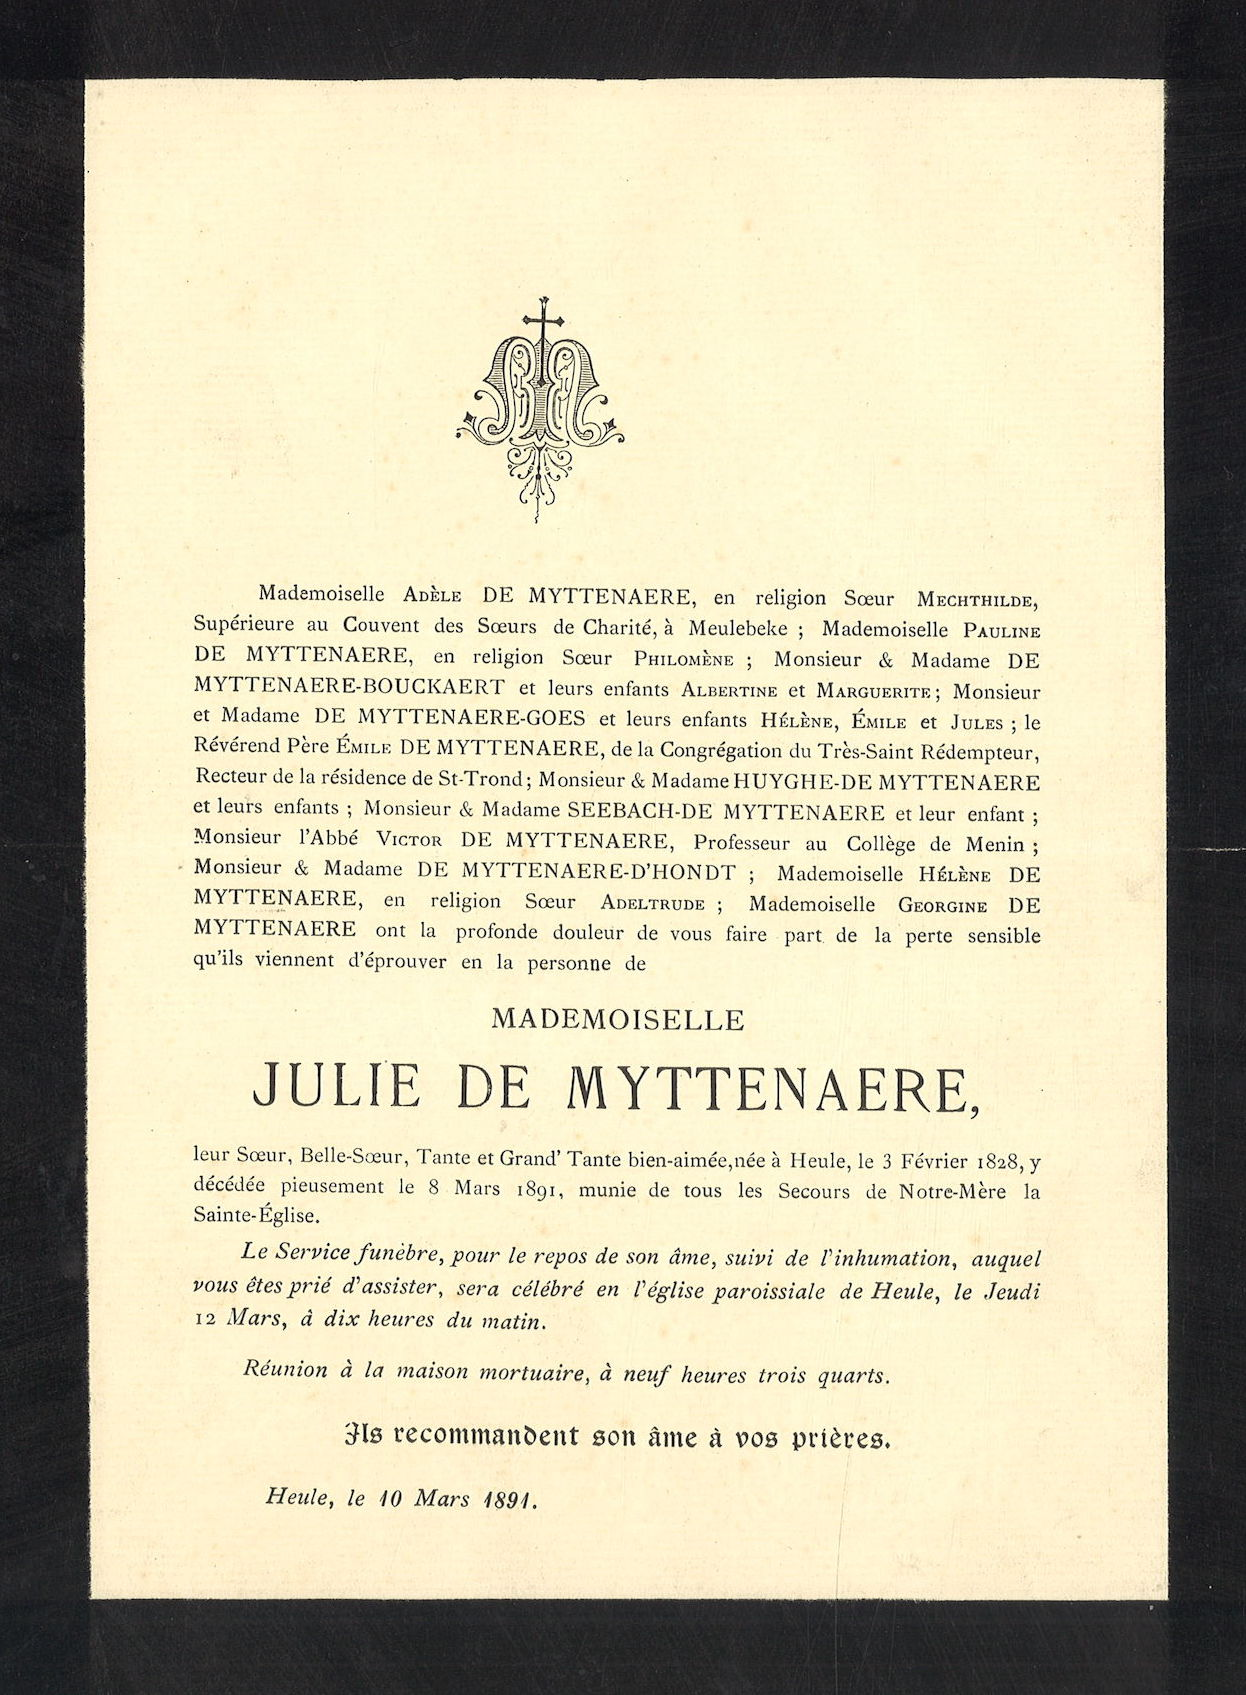 Julie De Myttenaere